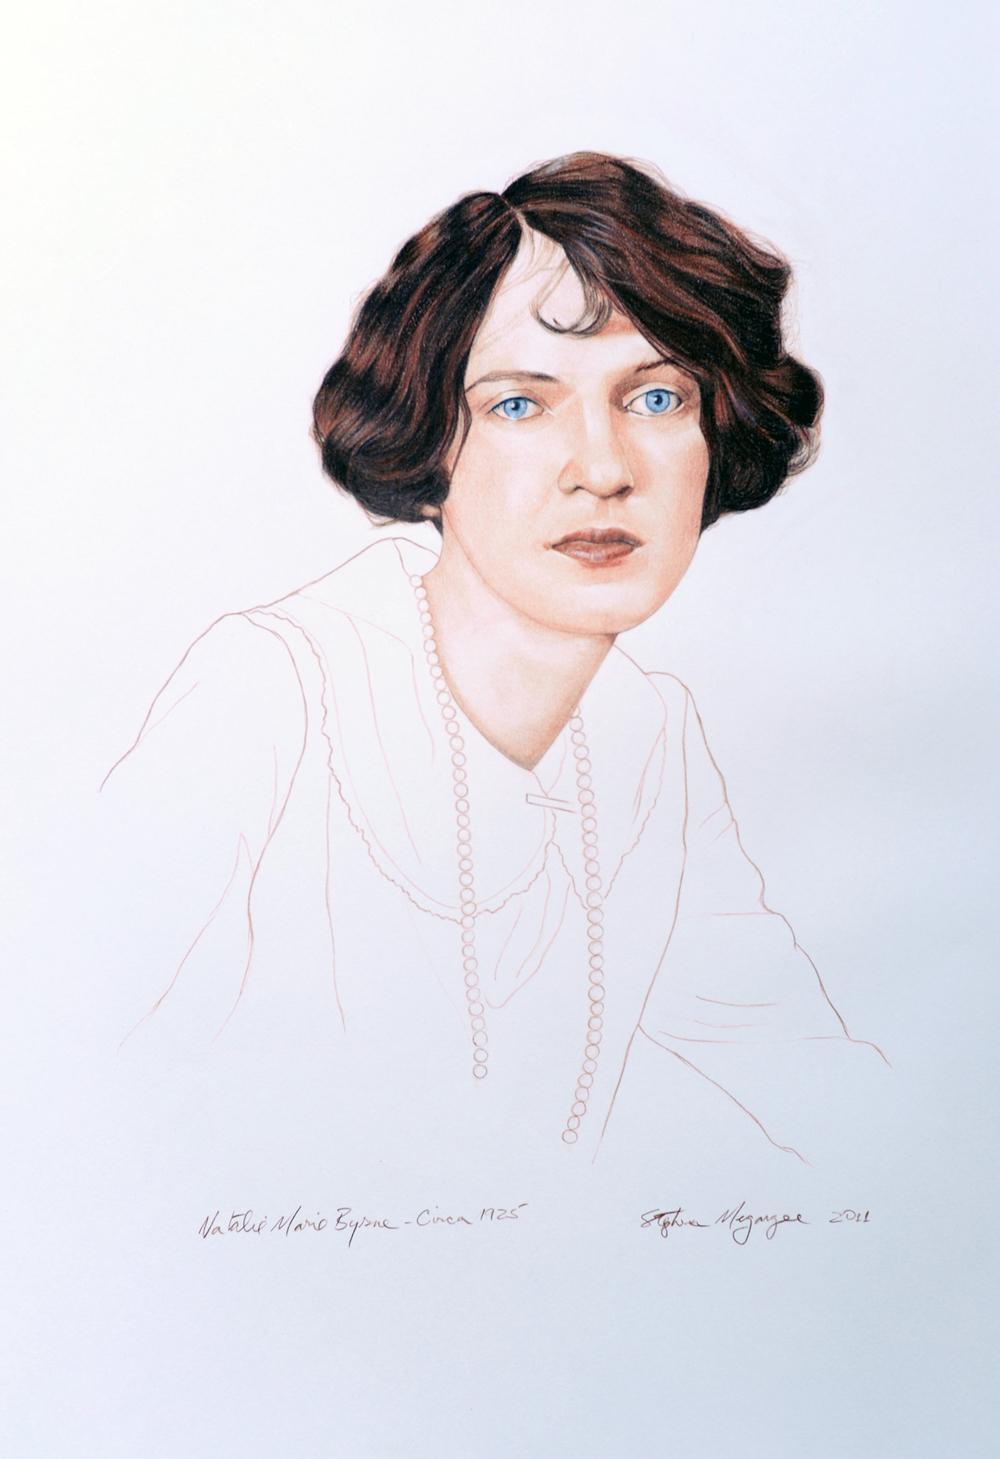 Natalie Marie Byrne, Circa 1925